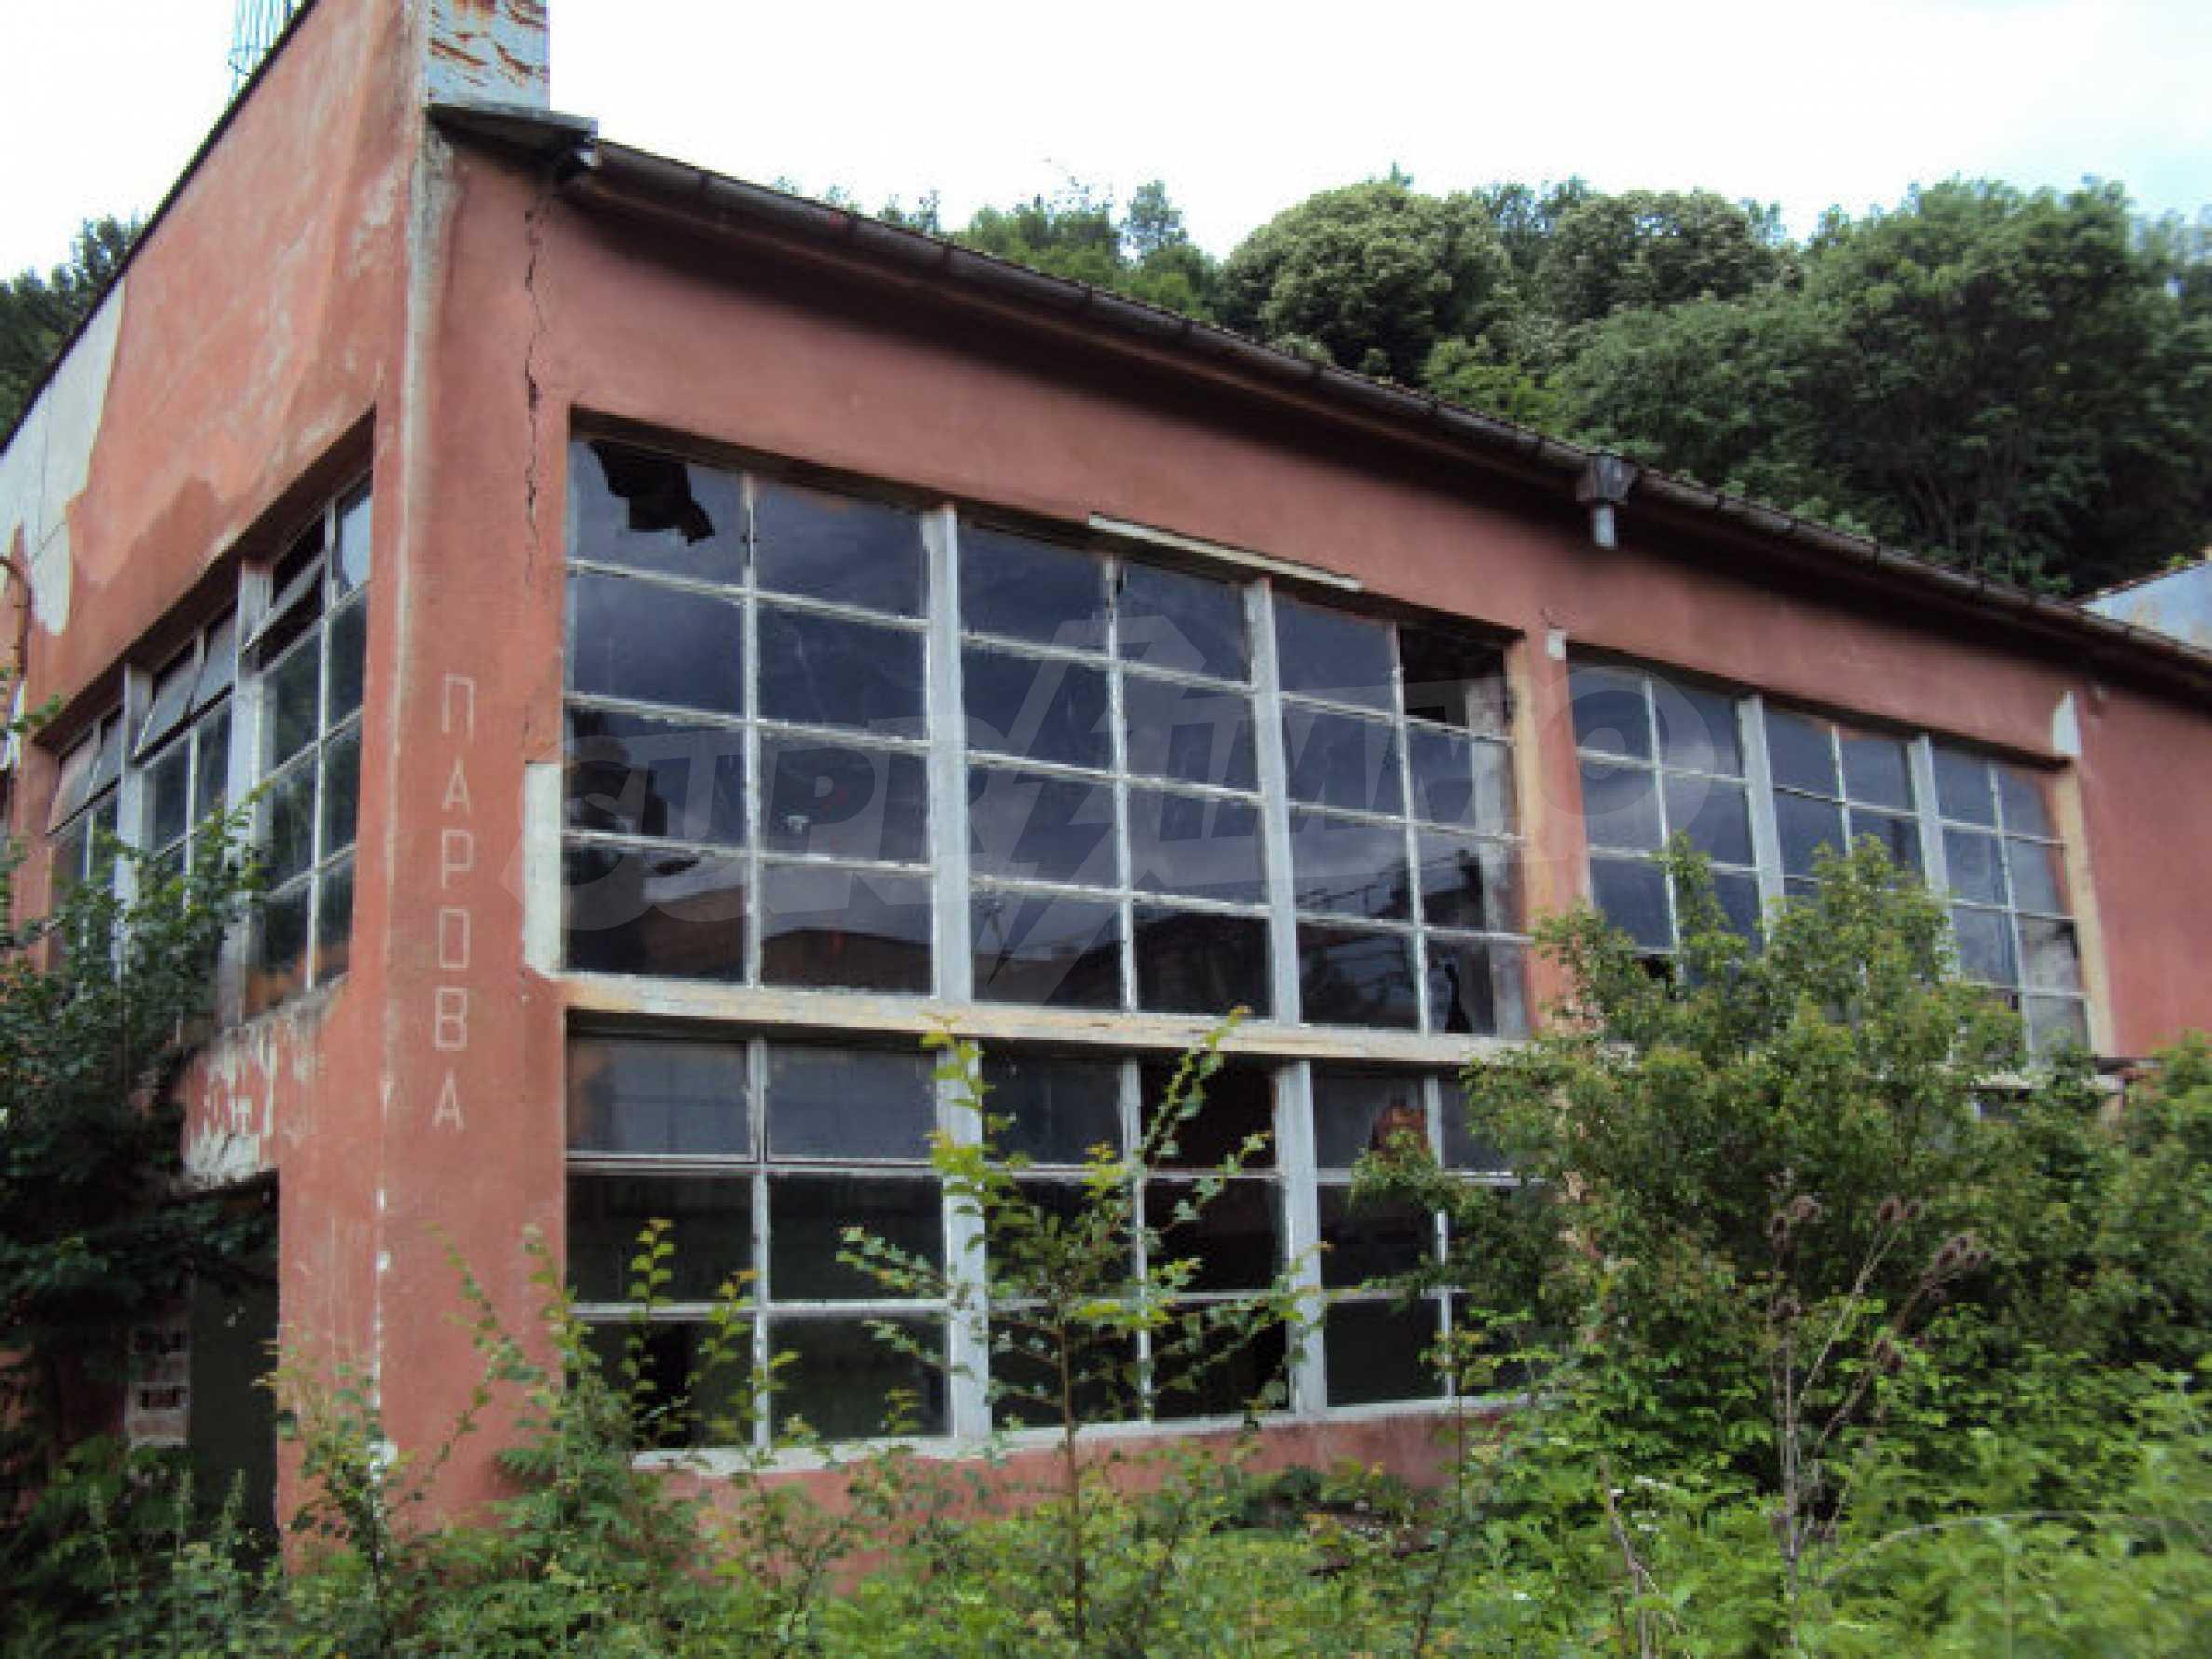 Factory for metal parts in Veliko Tarnovo 17